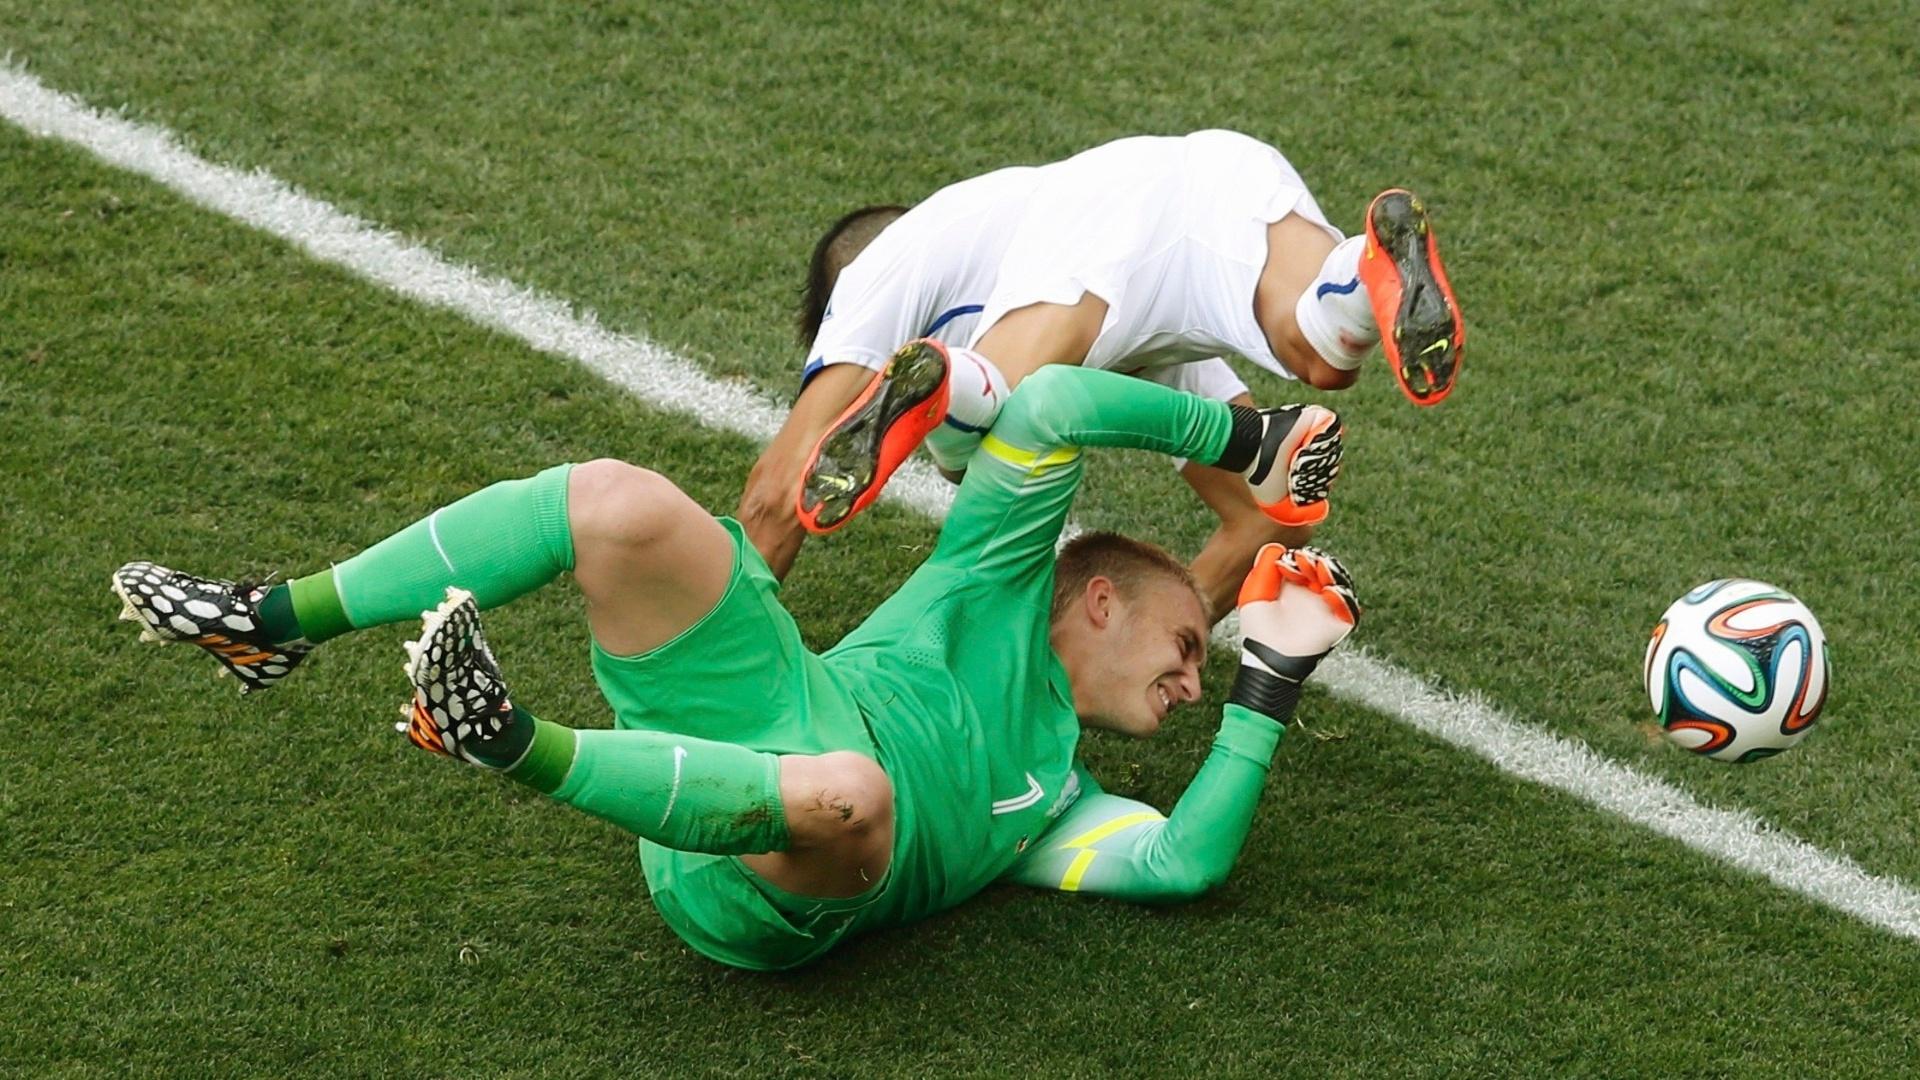 Alexis Sánchez se choca com o goleiro Jasper Cillessen